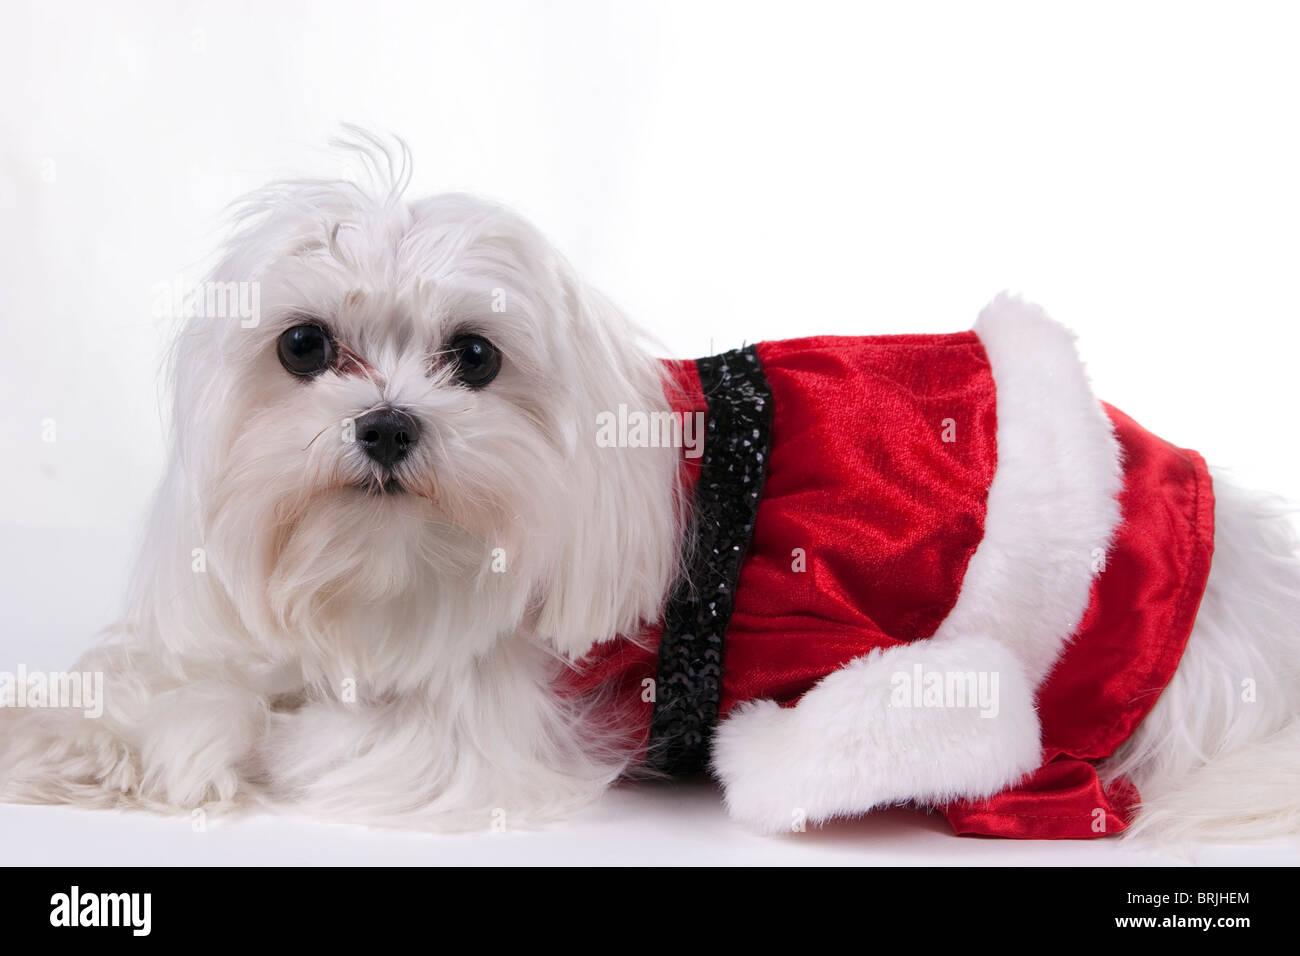 hund verkleidet f r weihnachten stockfotos hund. Black Bedroom Furniture Sets. Home Design Ideas